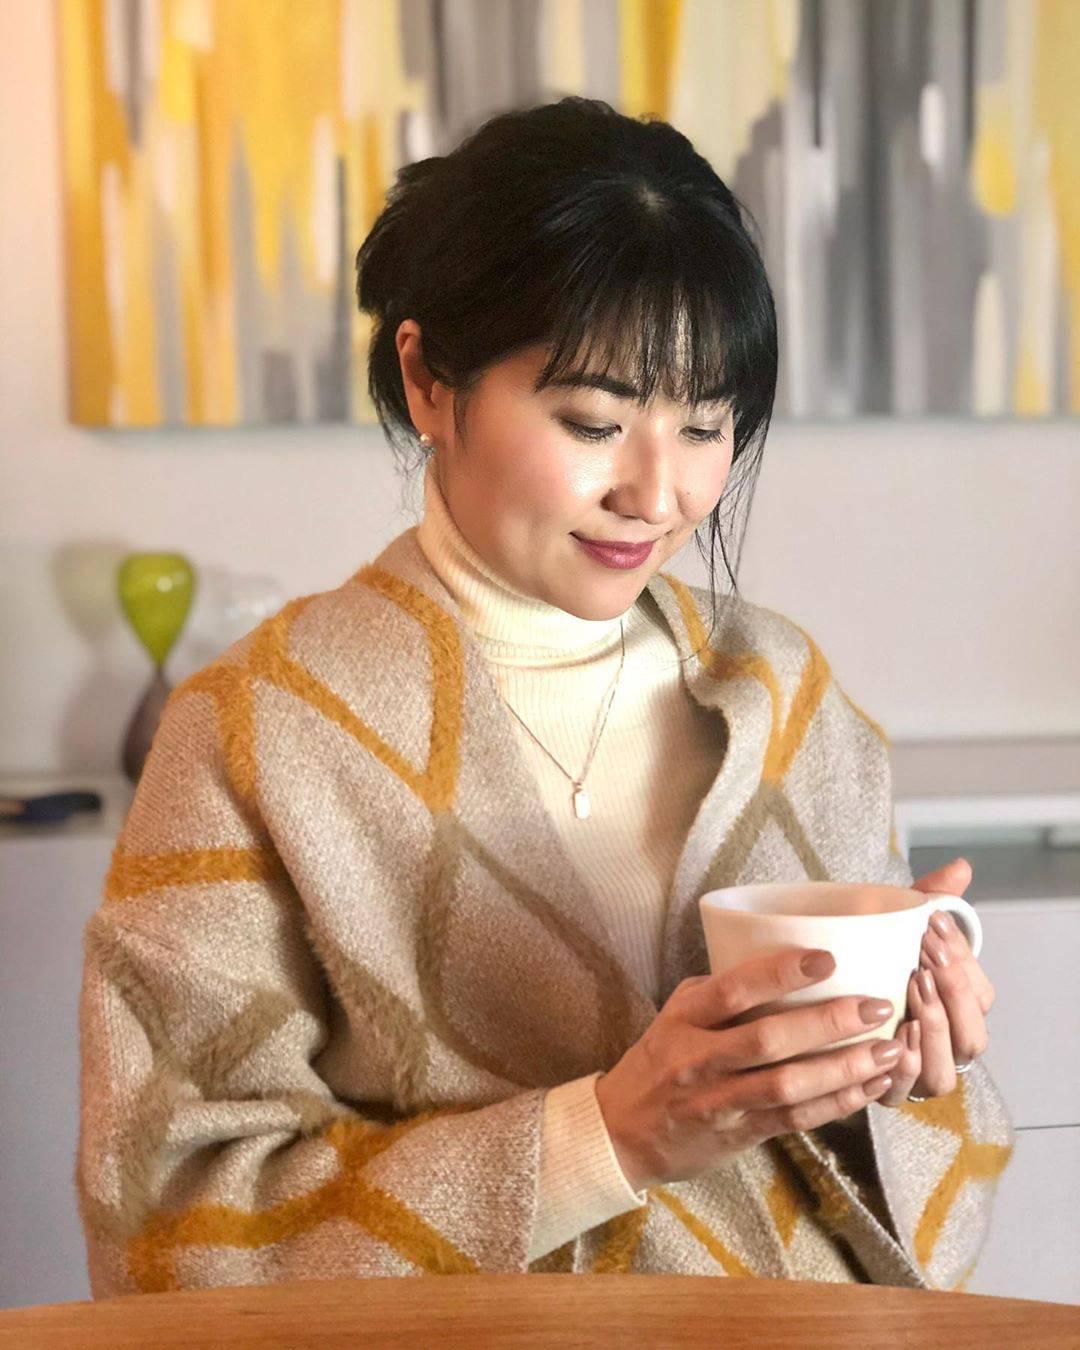 最高気温13度・最低気温7度 i.styleclosetの服装